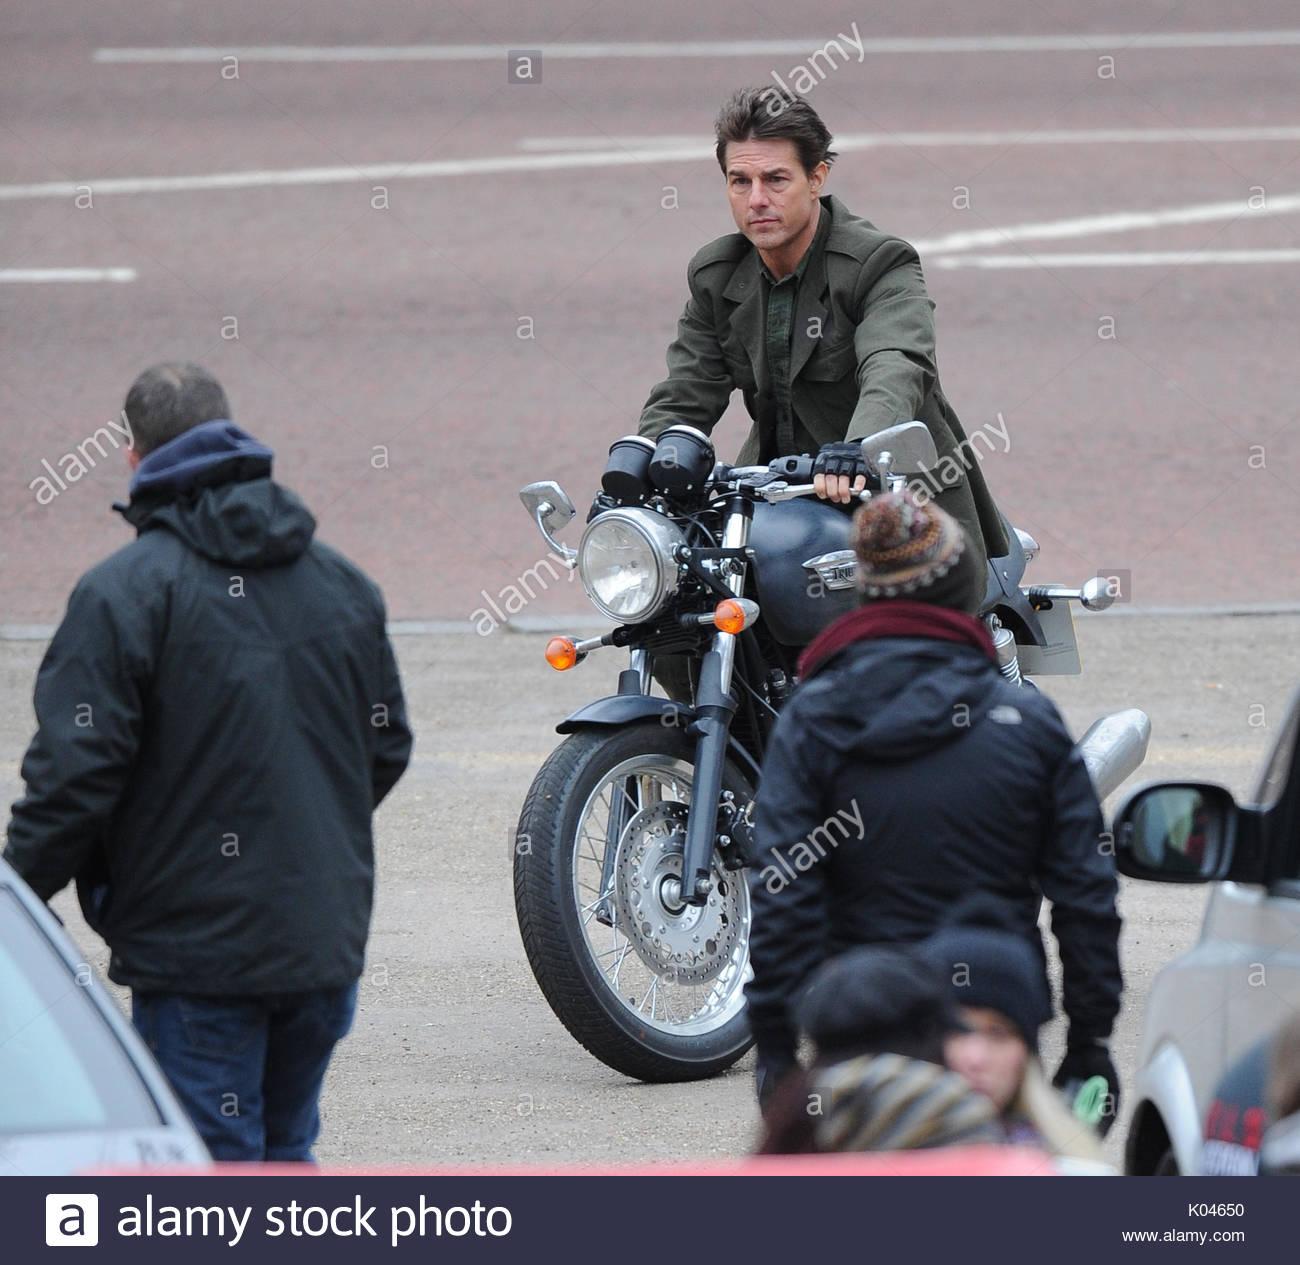 Tom Cruise Tom Cruise Es Visto Filmando En El Mall Montando Una